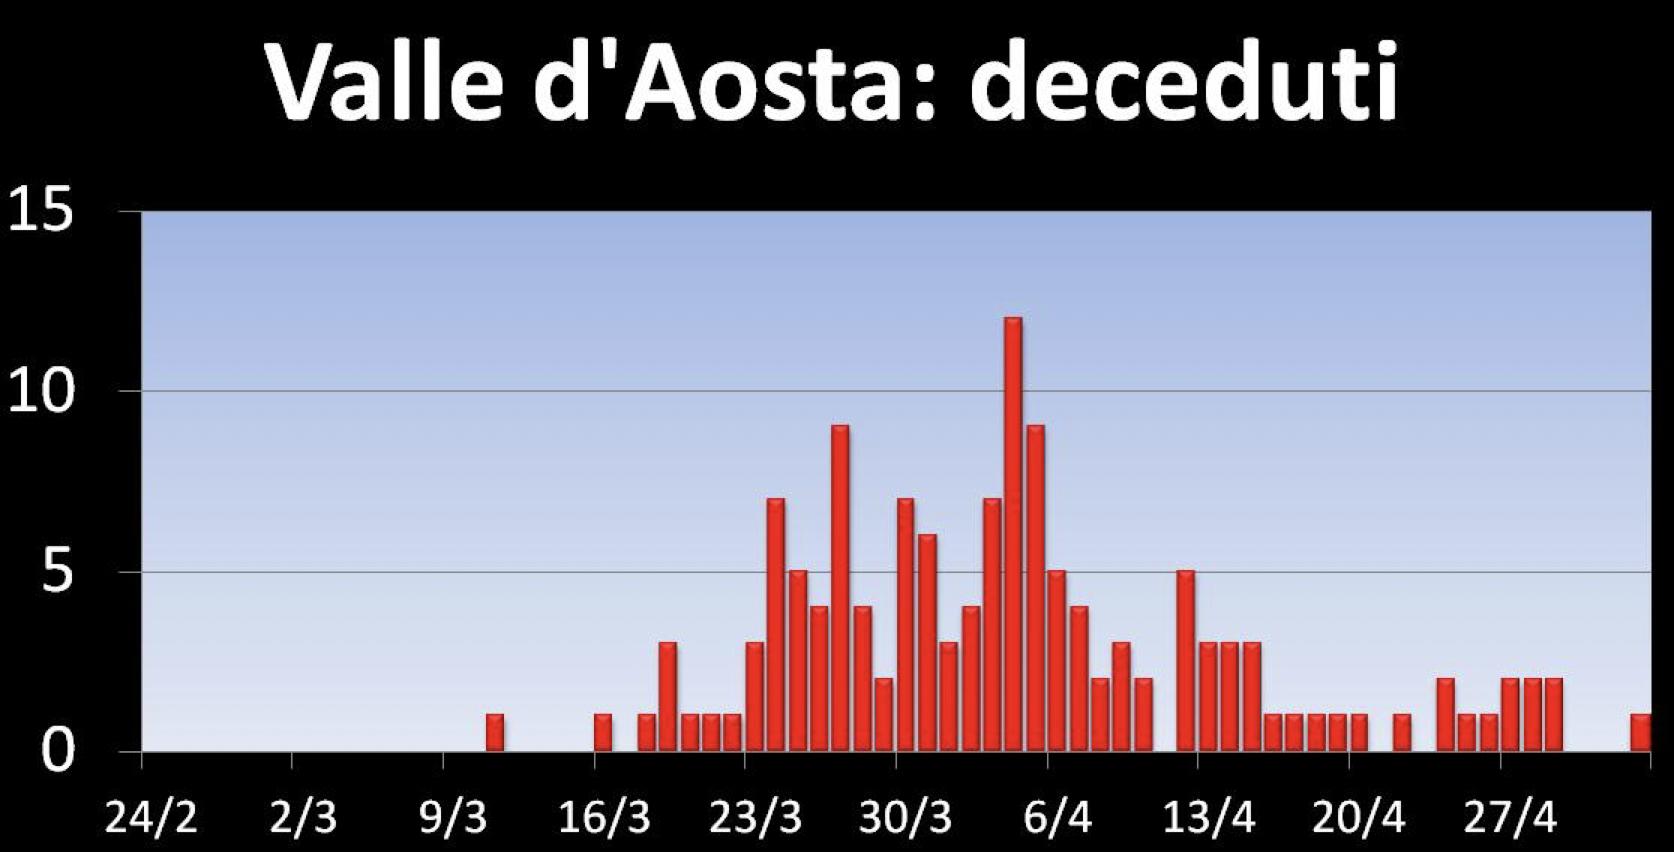 Valle d'Aosta deceduti